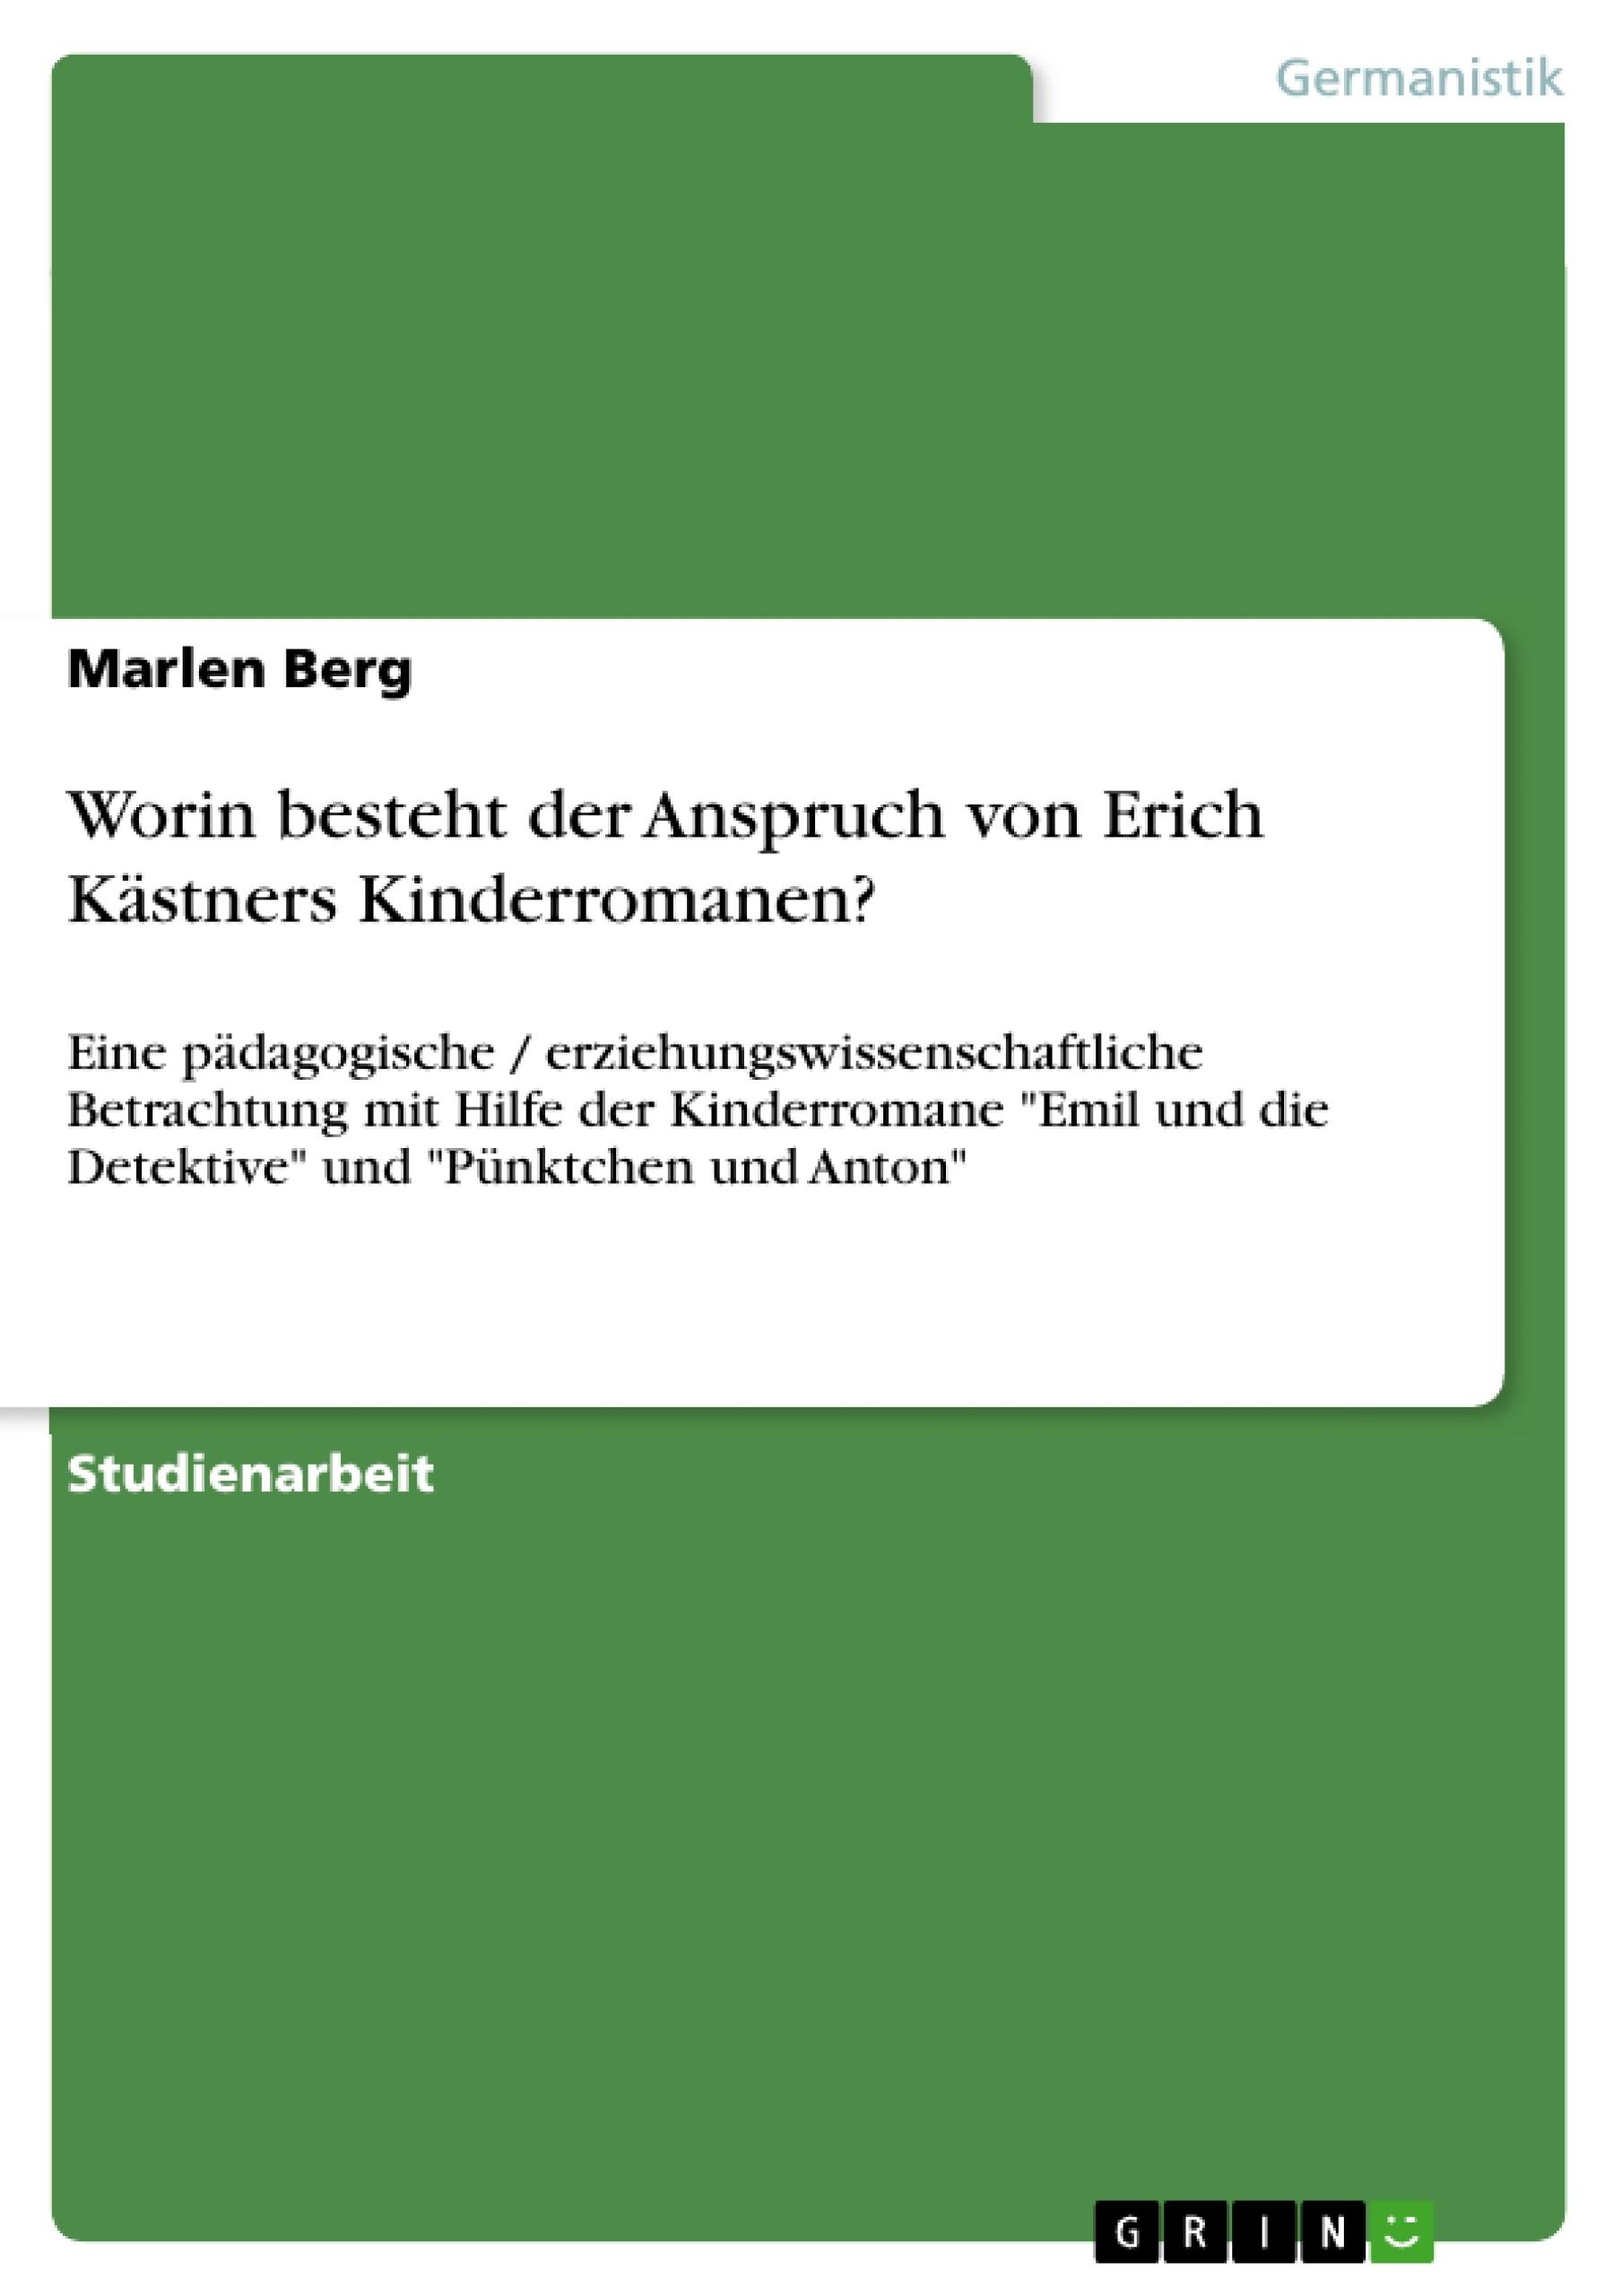 Titel: Worin besteht der Anspruch von Erich Kästners Kinderromanen?